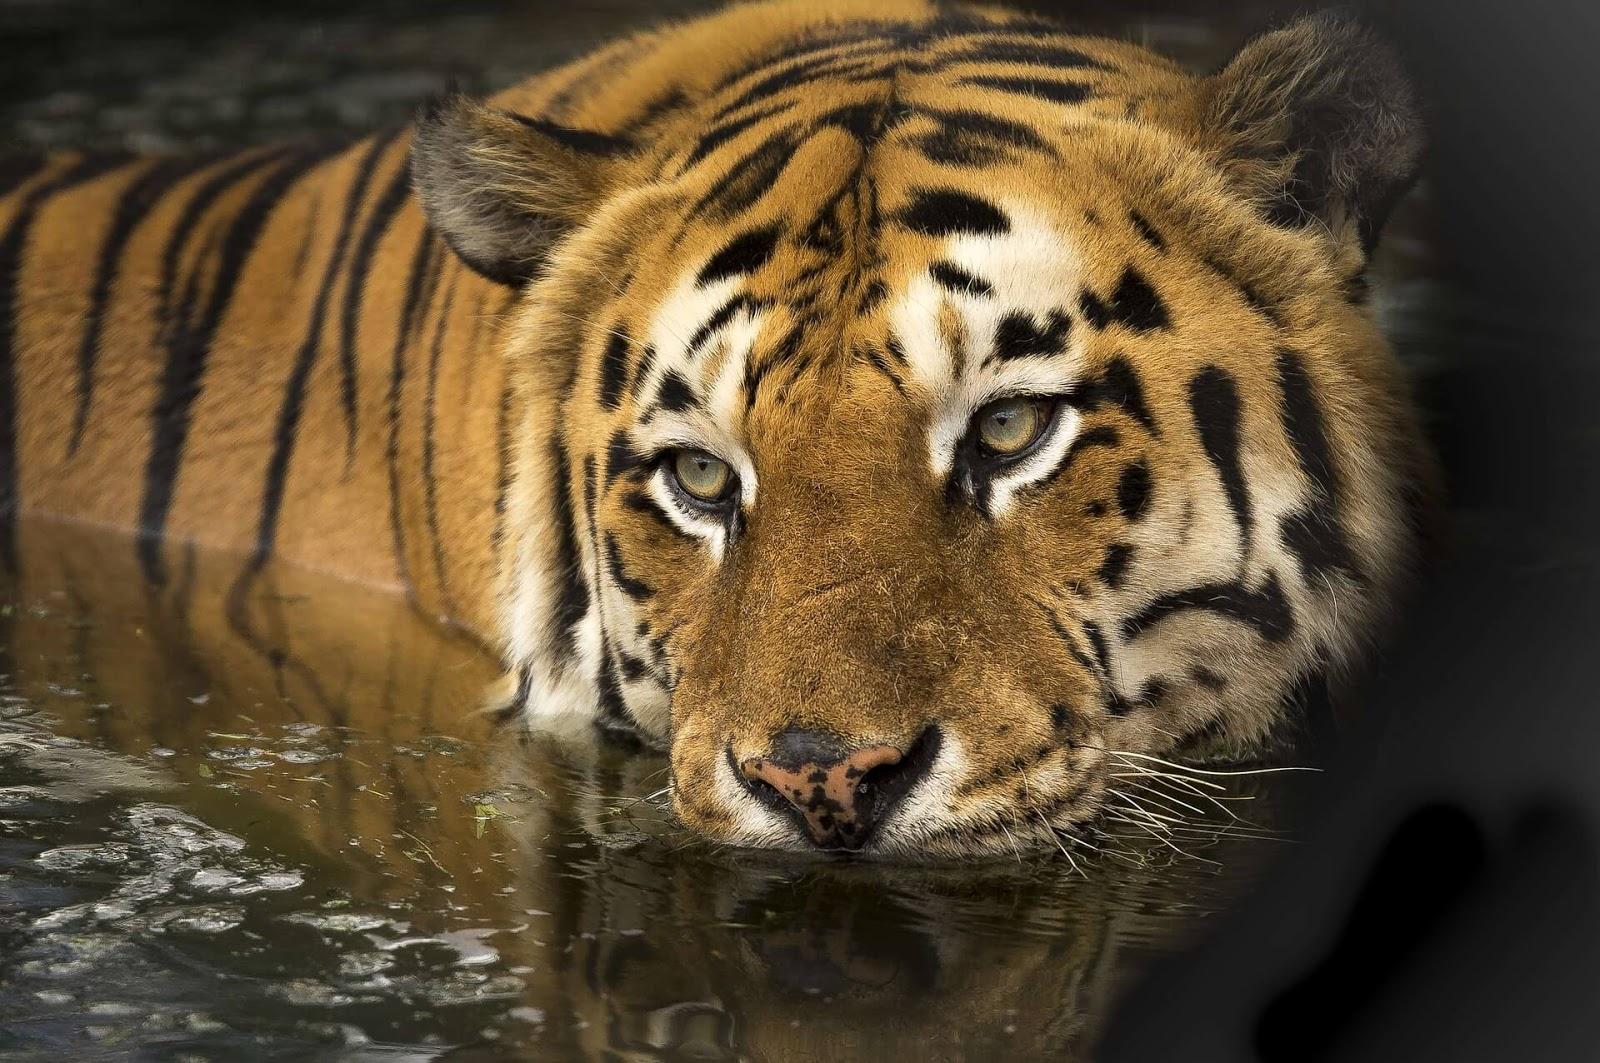 tiger hd wallpaper widescreen